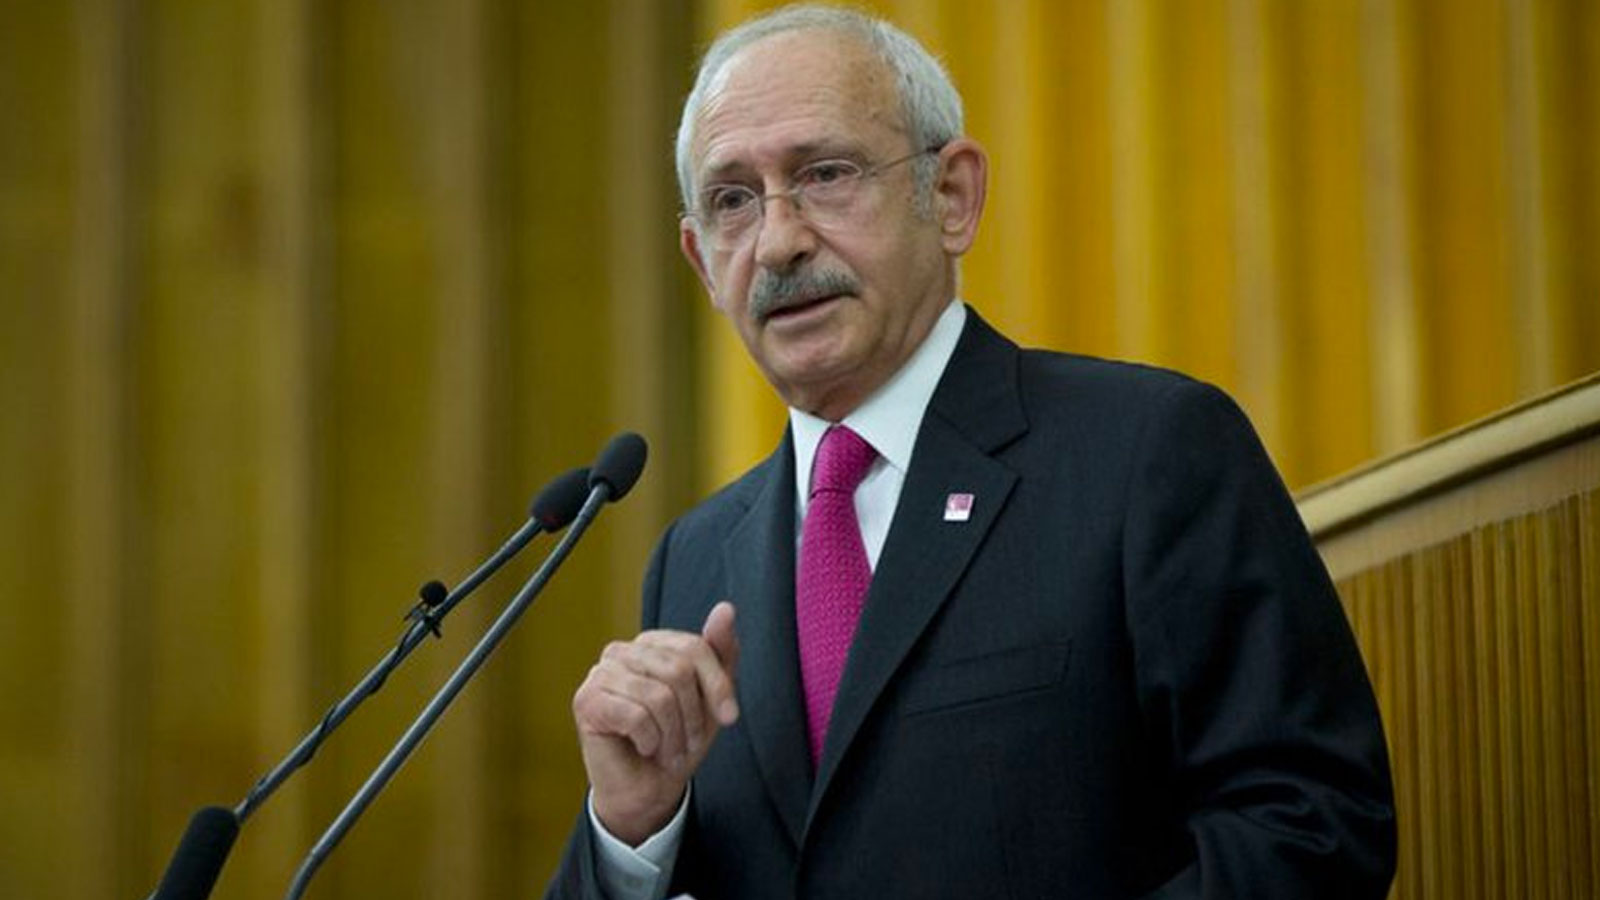 Kılıçdaroğlu: Kimse umutsuzluğa kapılmasın önümüzdeki süreç parlak